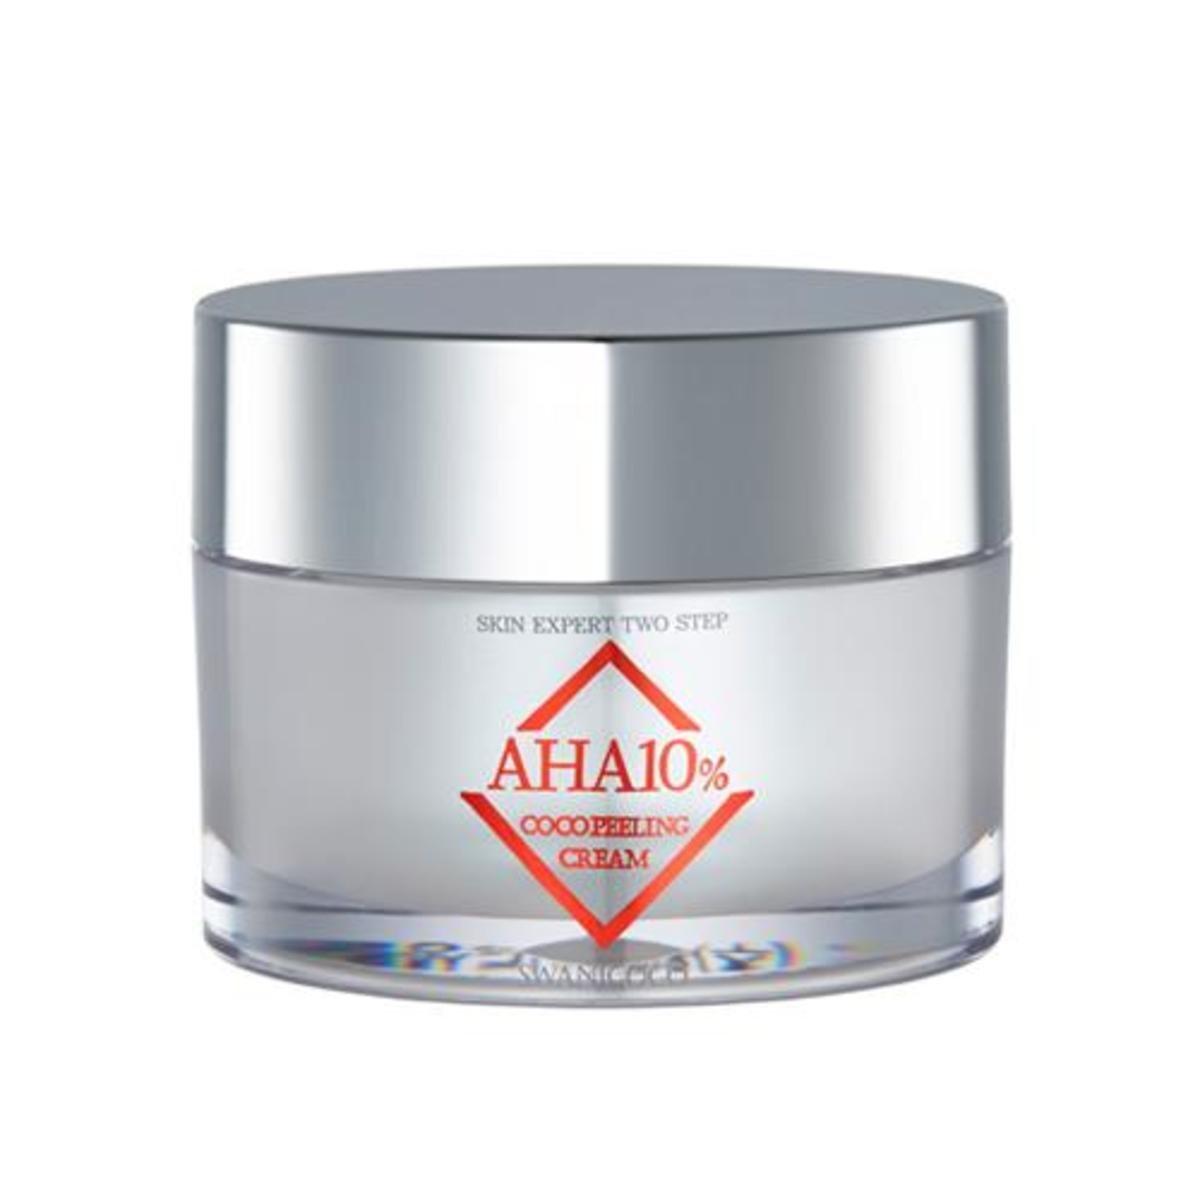 AHA10%高效去角質面霜